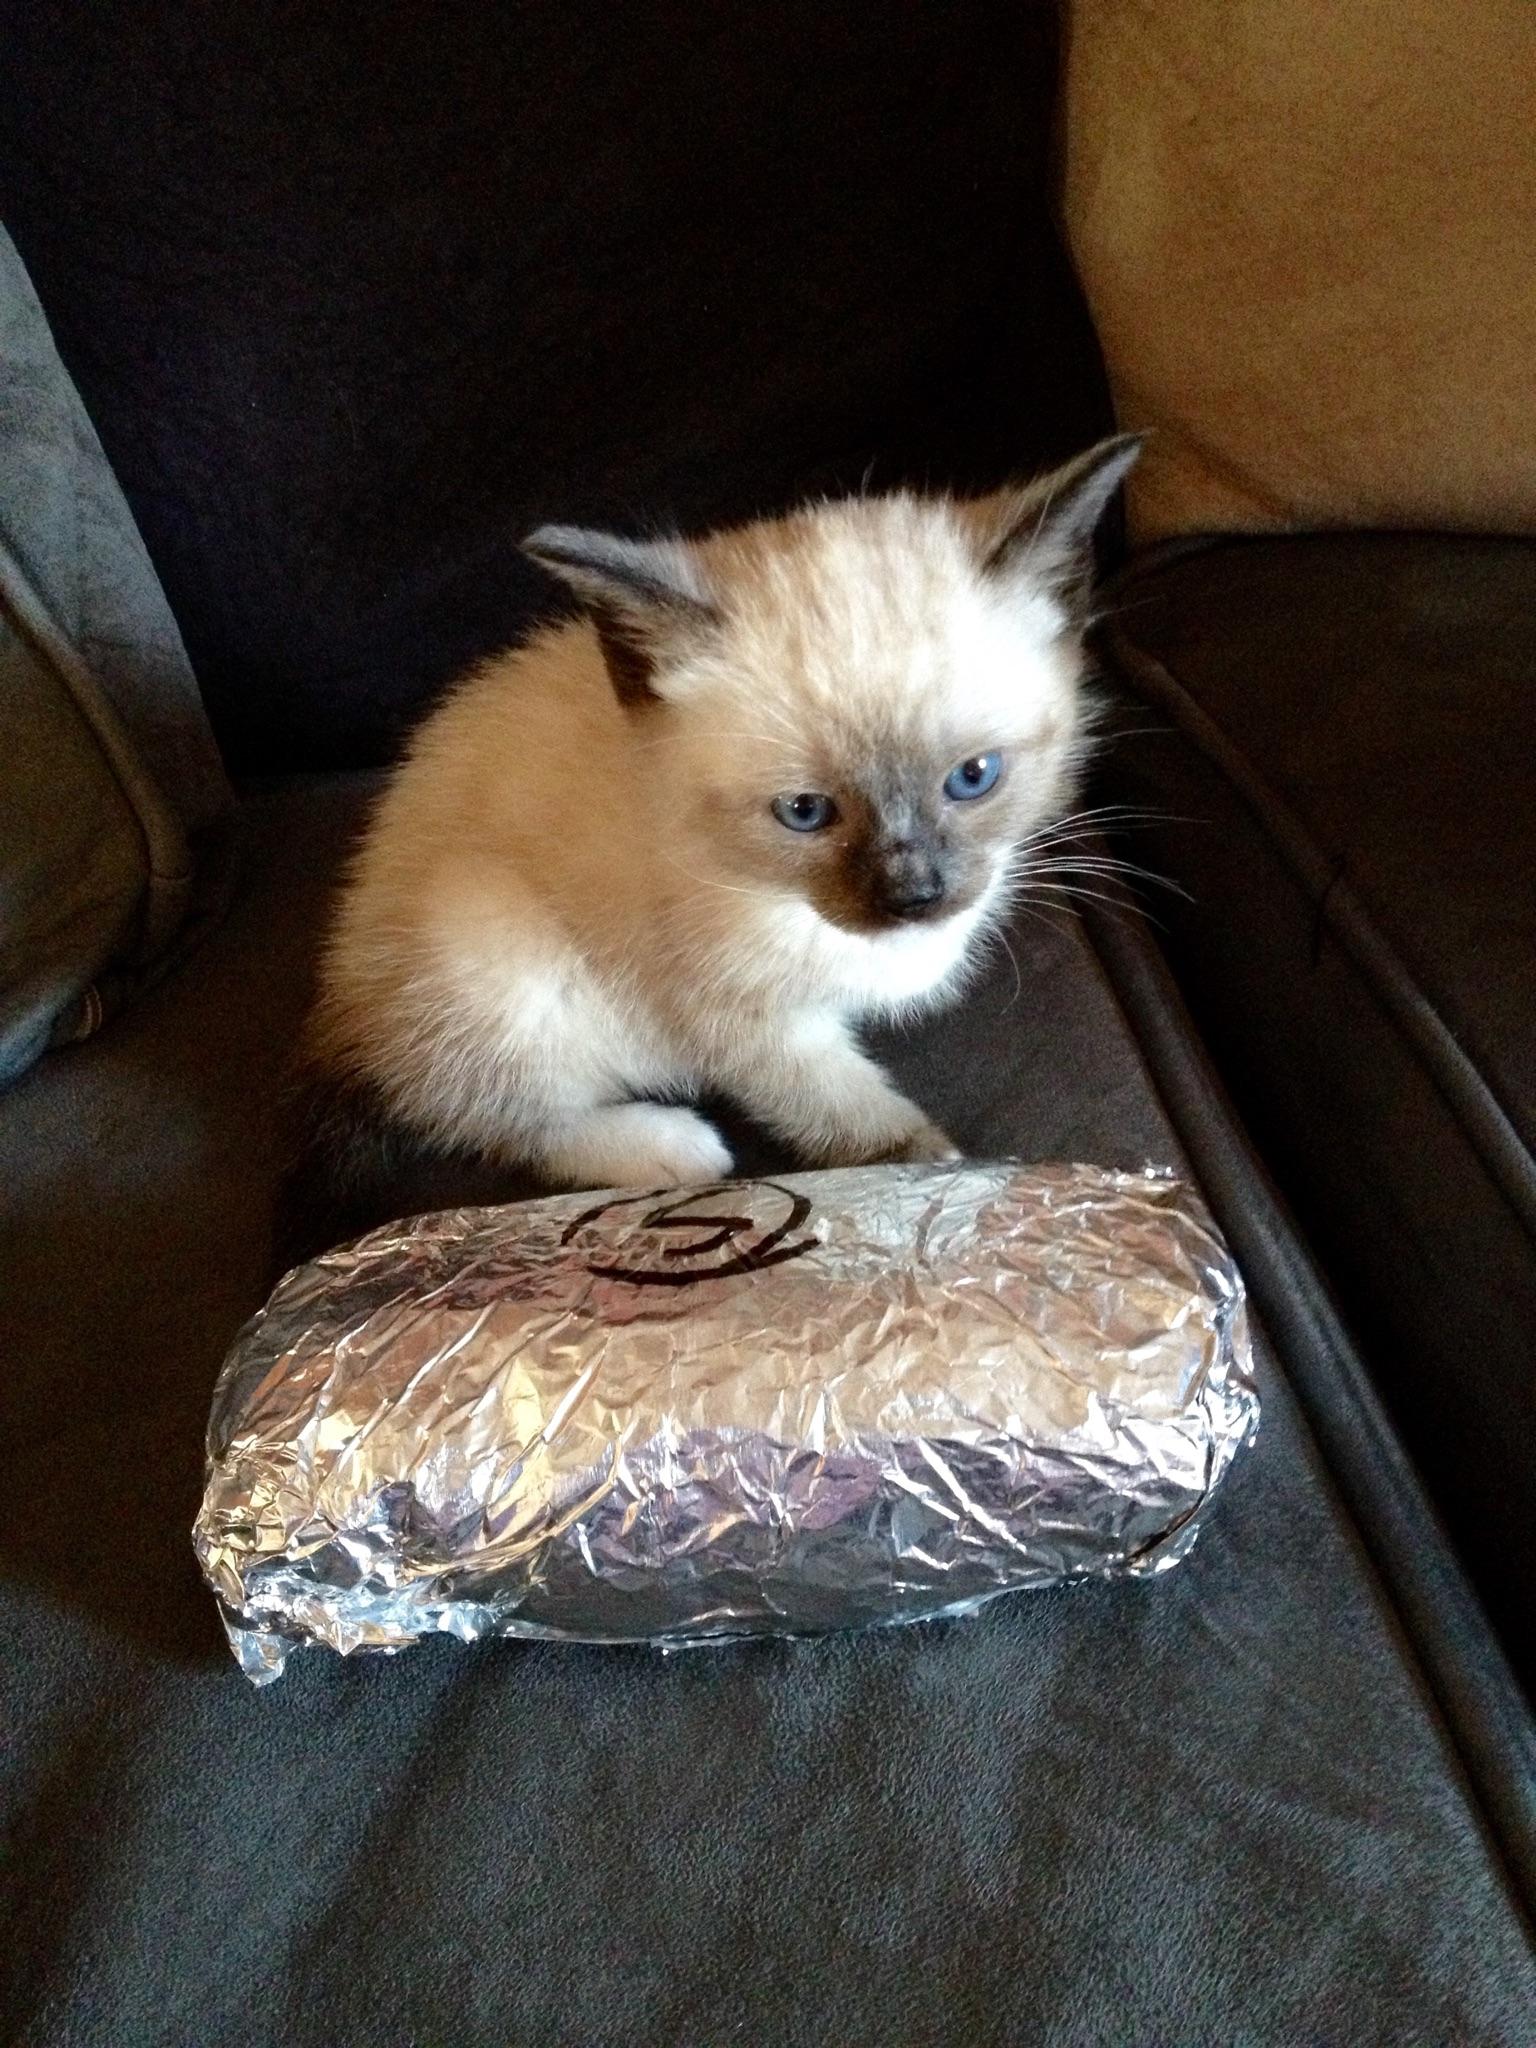 Burrito-Wielding Cops Rescue Adorable Kitten